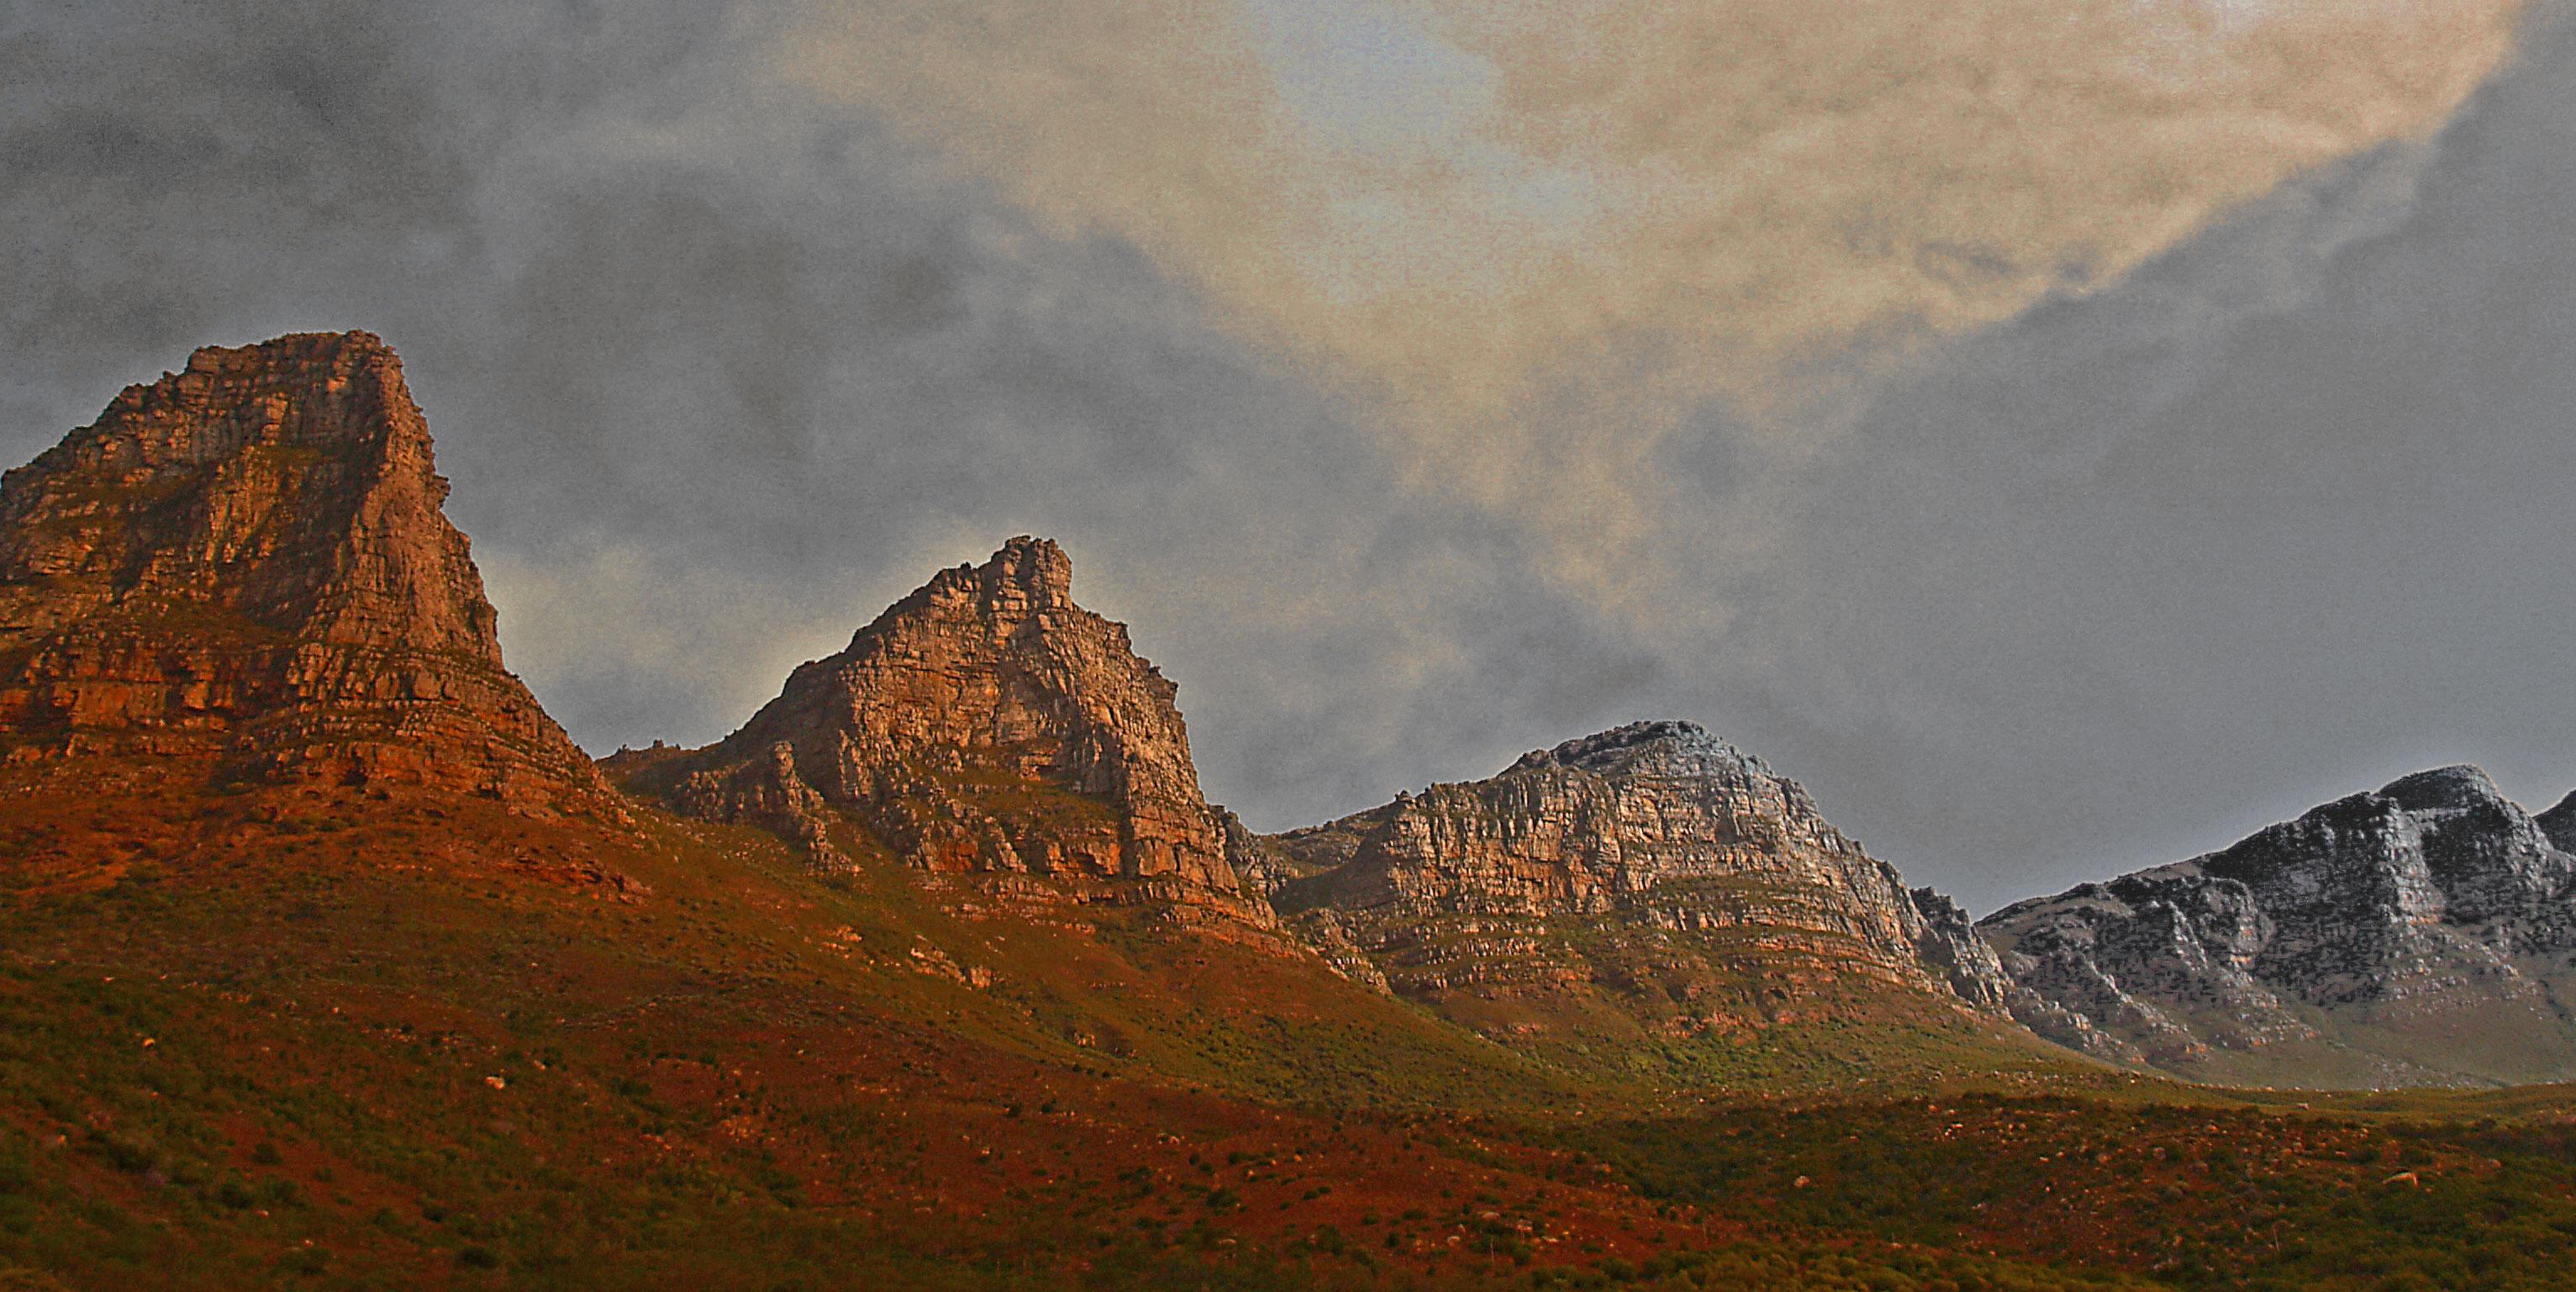 Sister mountais, Bspo06, Cliffs, Landscape, Mountains, HQ Photo